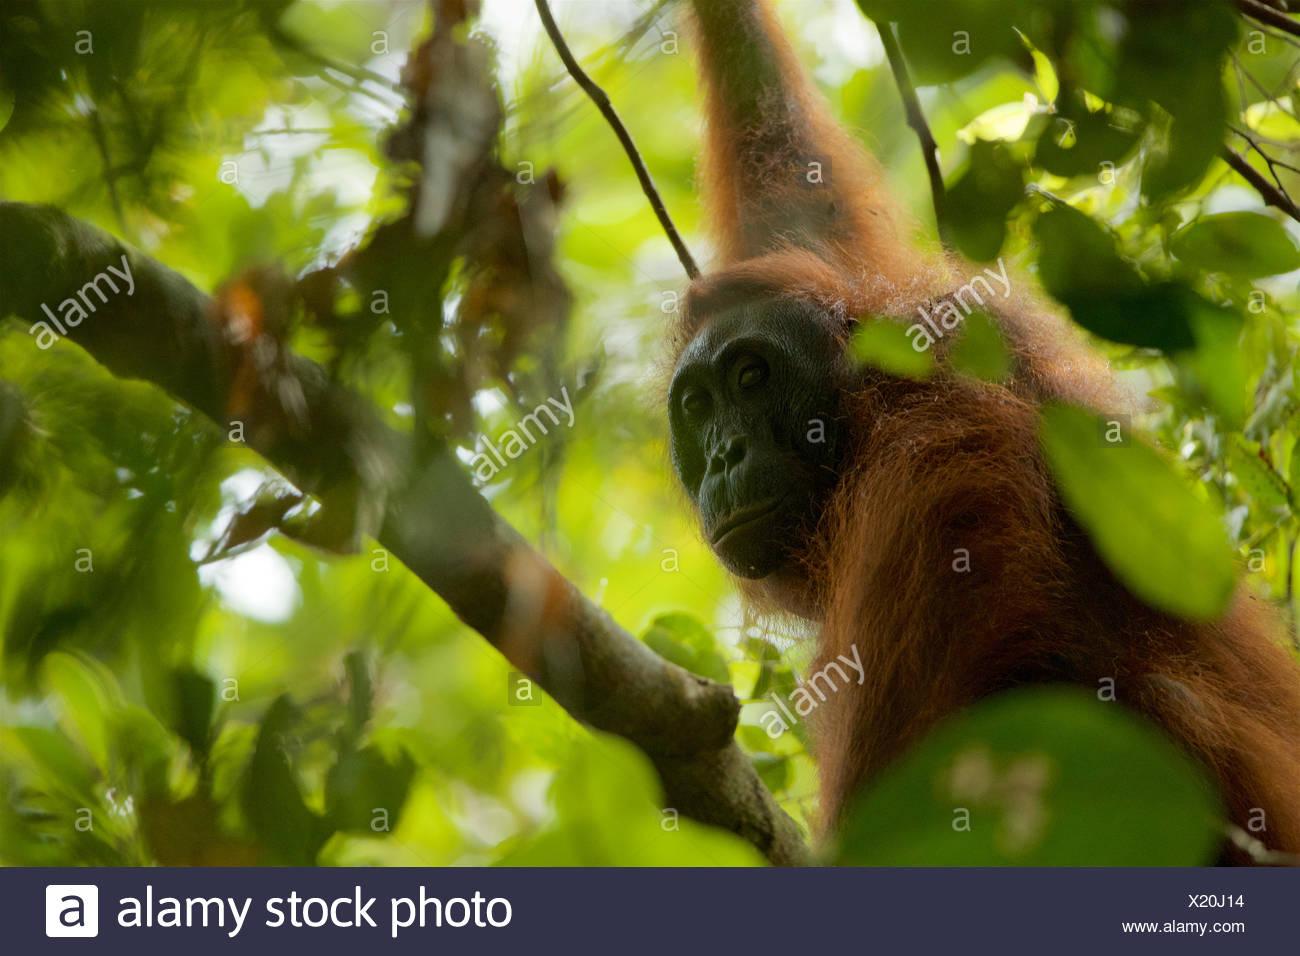 Ein weiblicher Orang-Utan, Pongo Pygmaeus Wurmbii, ruht auf einem Baum im Gunung Palung Nationalpark. Stockfoto